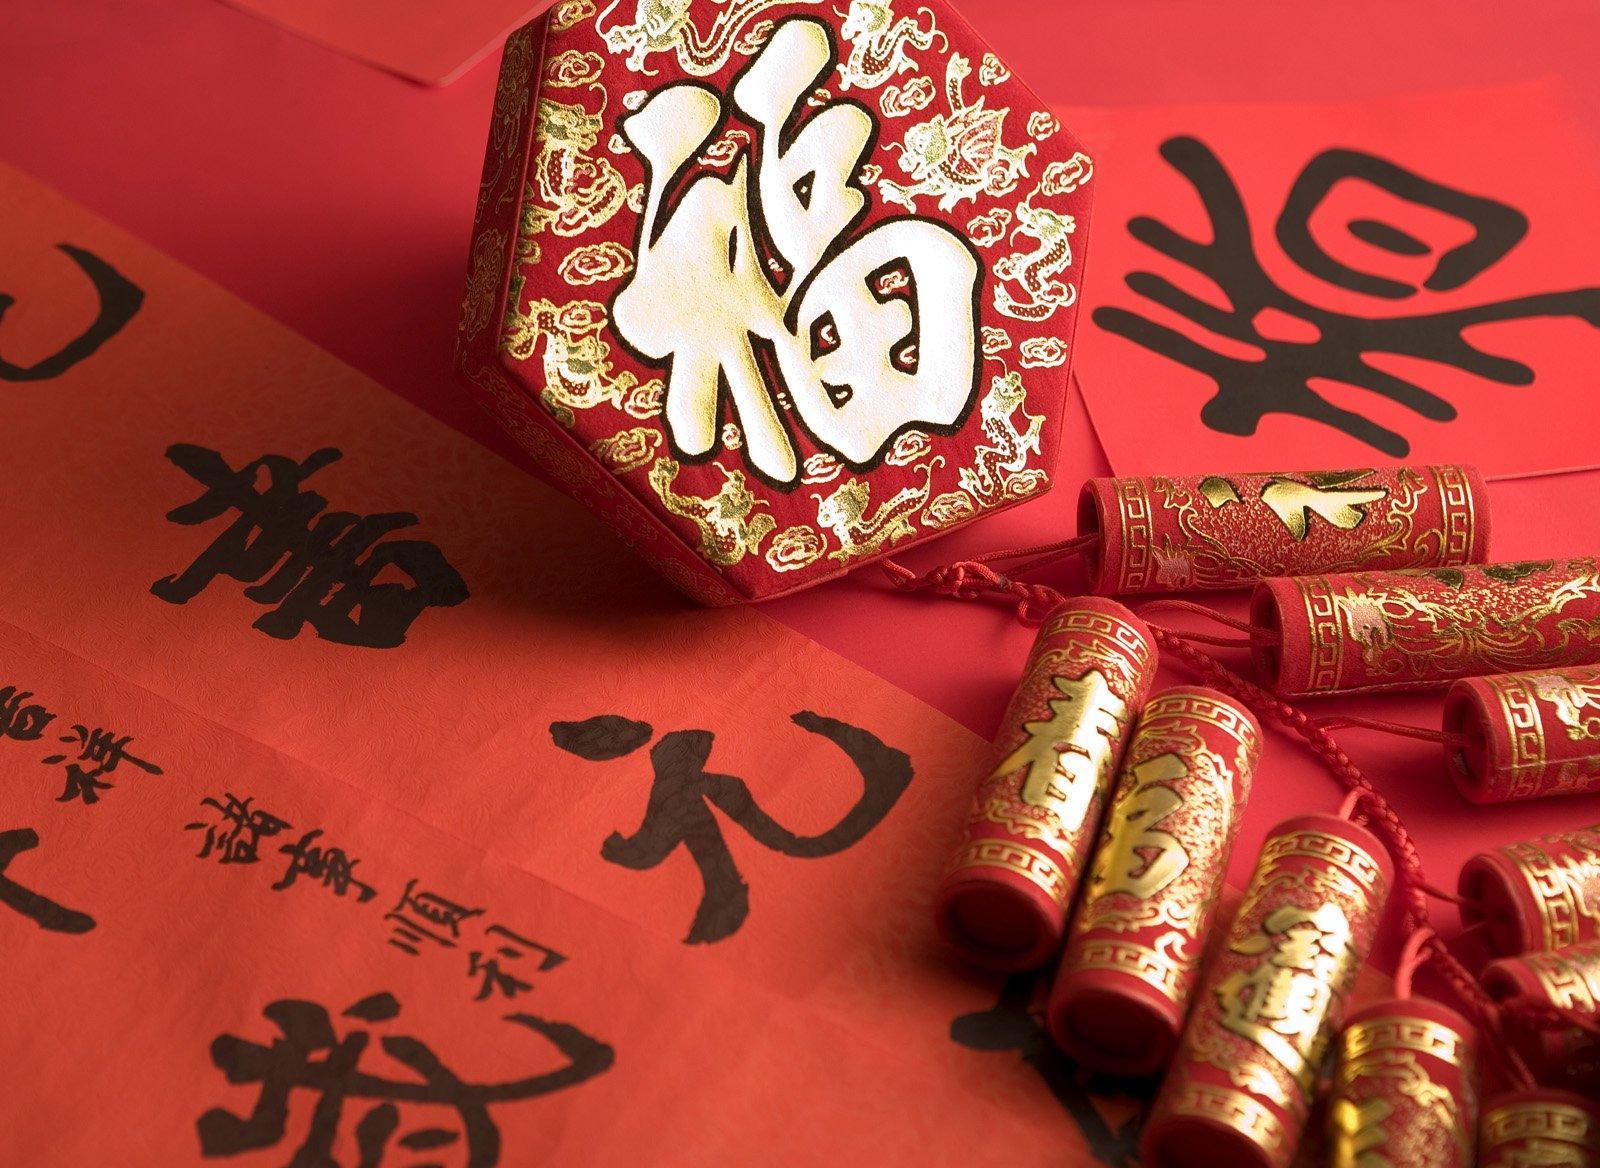 最新猪年创意搞笑新年祝福语贺词大全精选